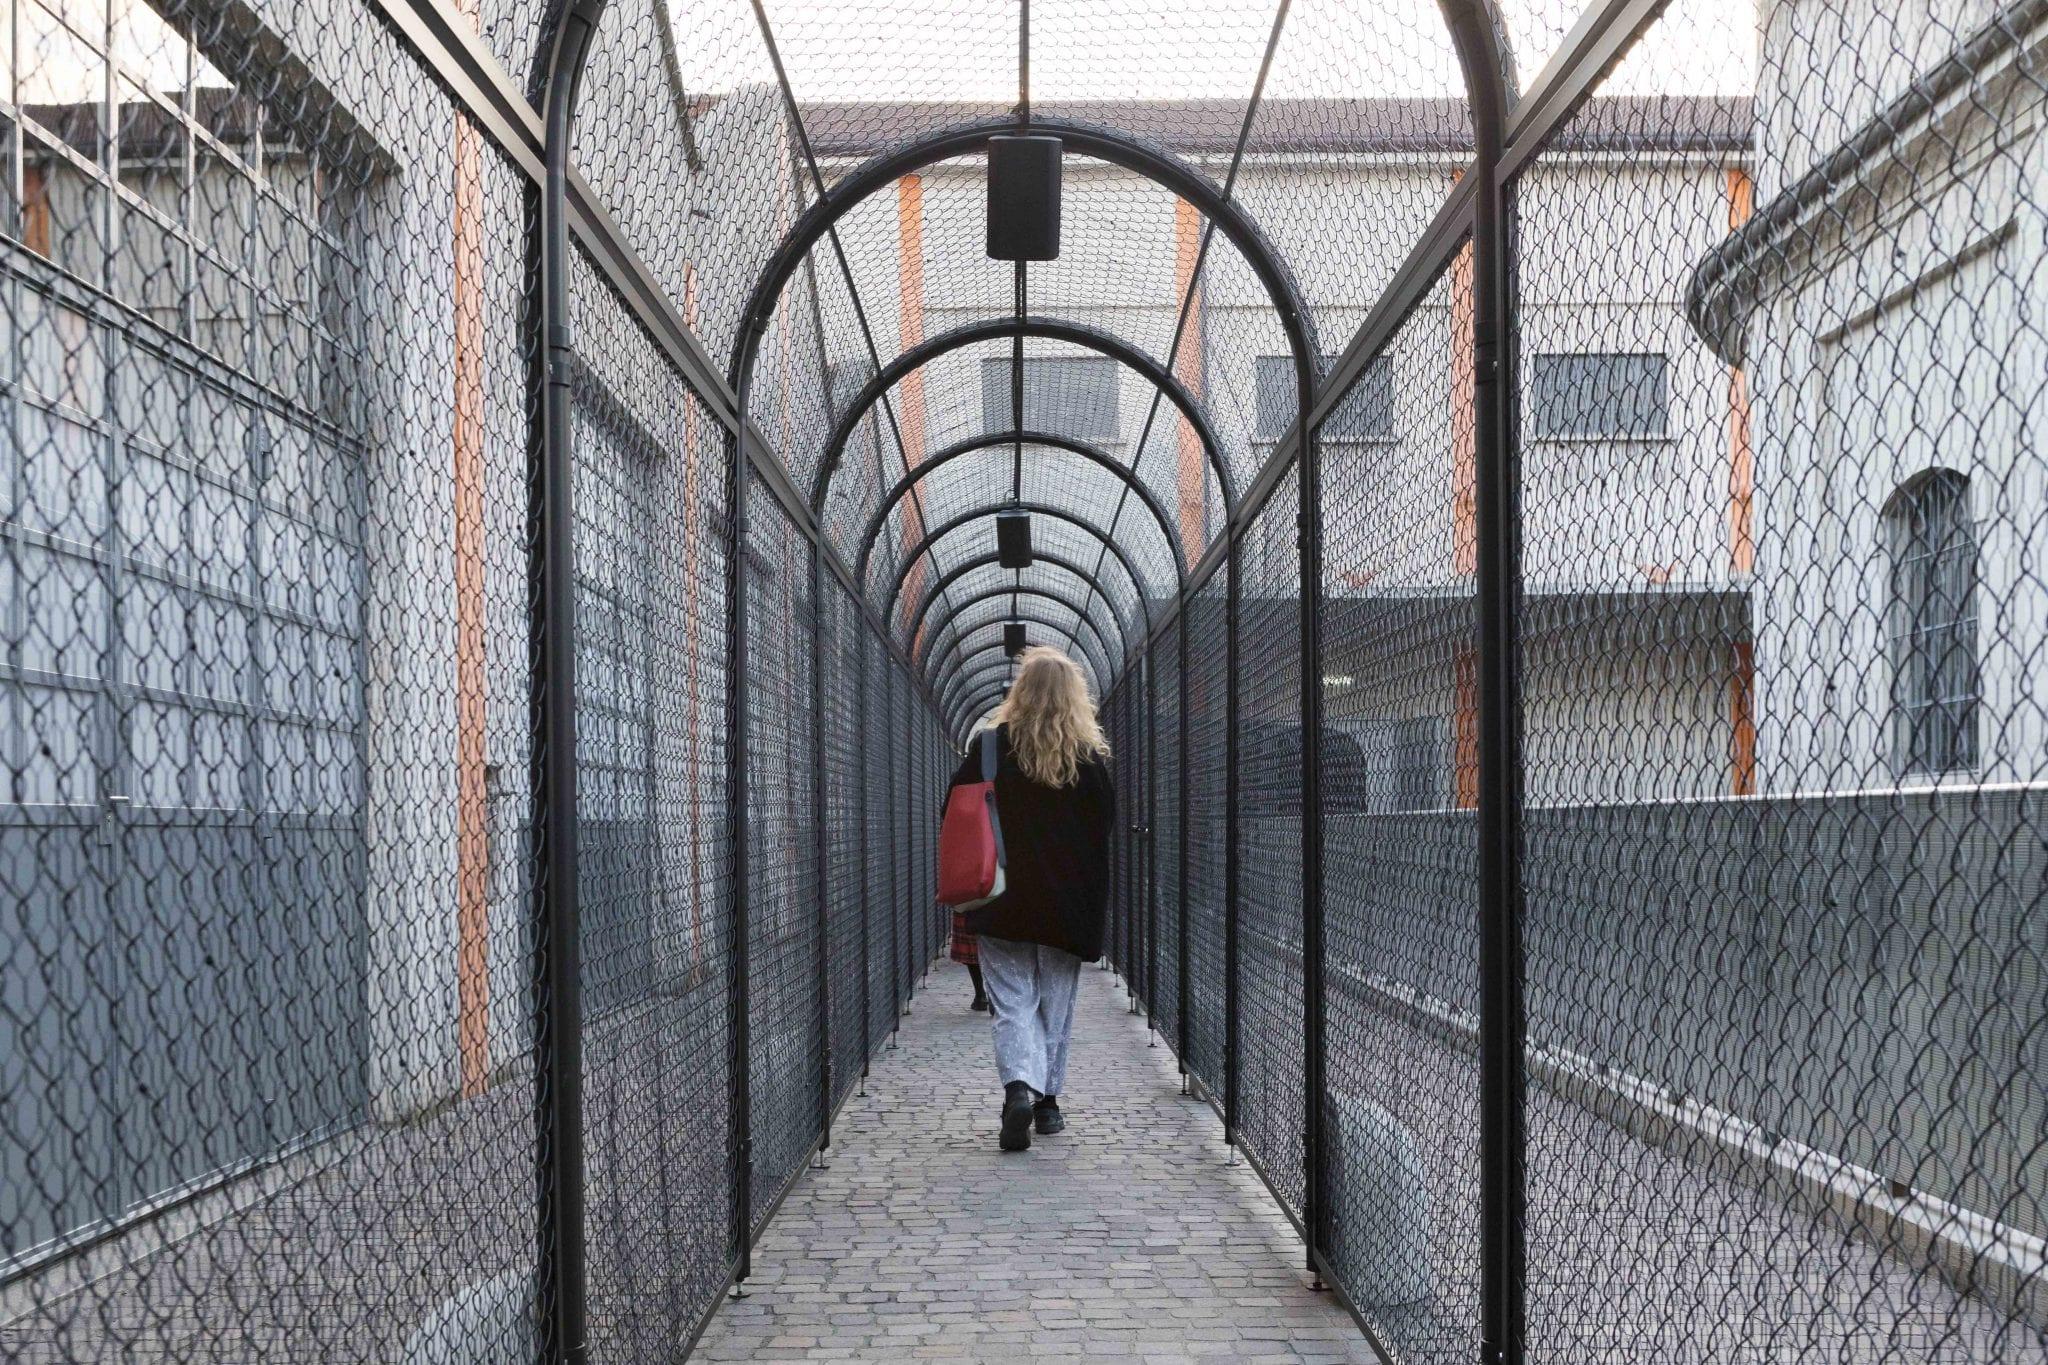 Il Ritorno alla terra nel folle progetto (stregato) di Fitch e Trecartin alla Fondazione Prada di Milano